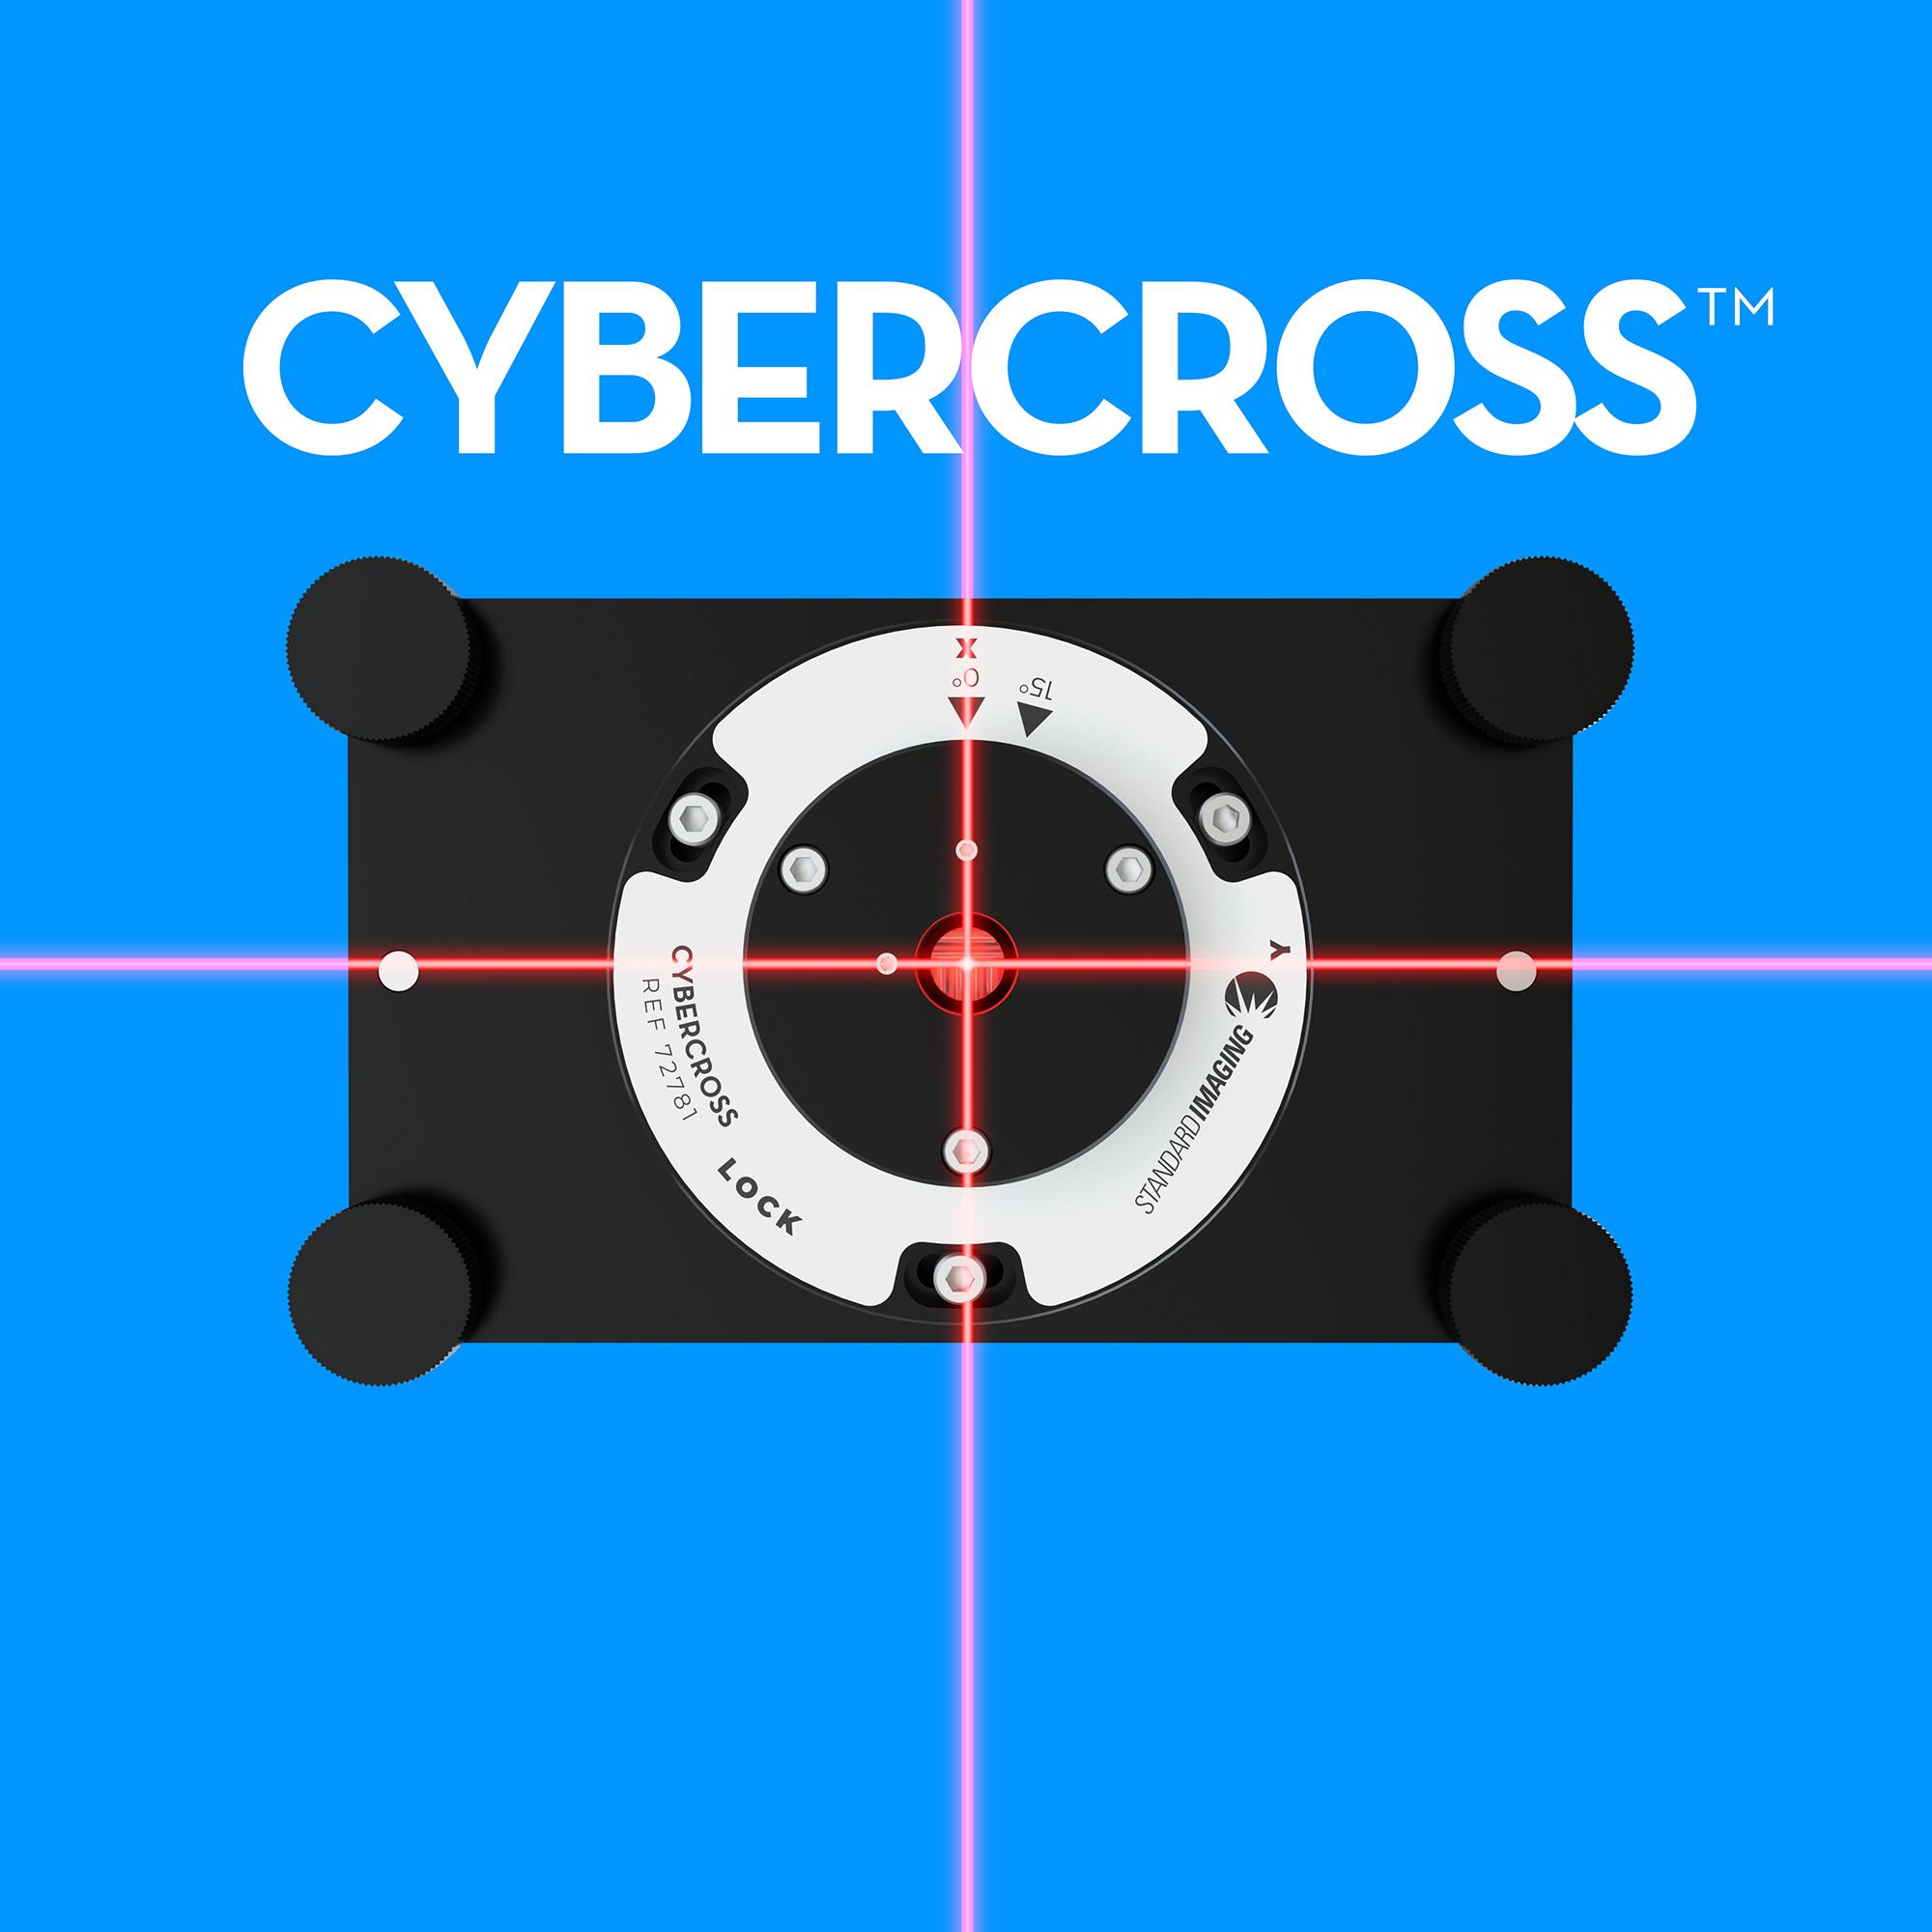 Cyber Cross downthebarrel